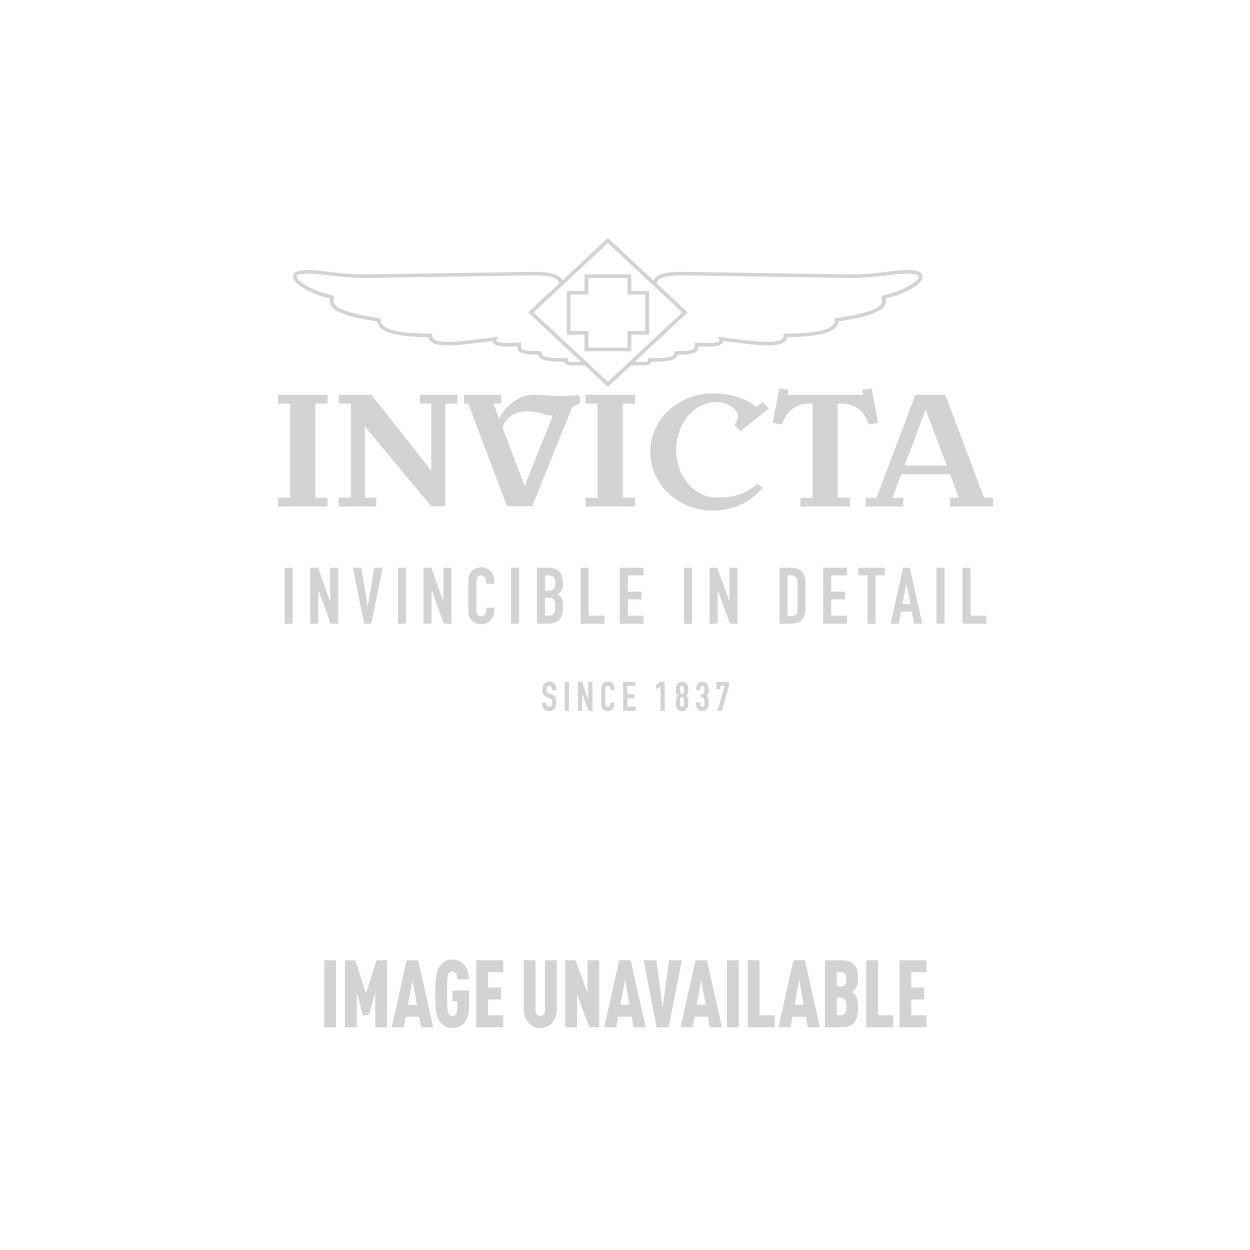 Invicta Model 25507